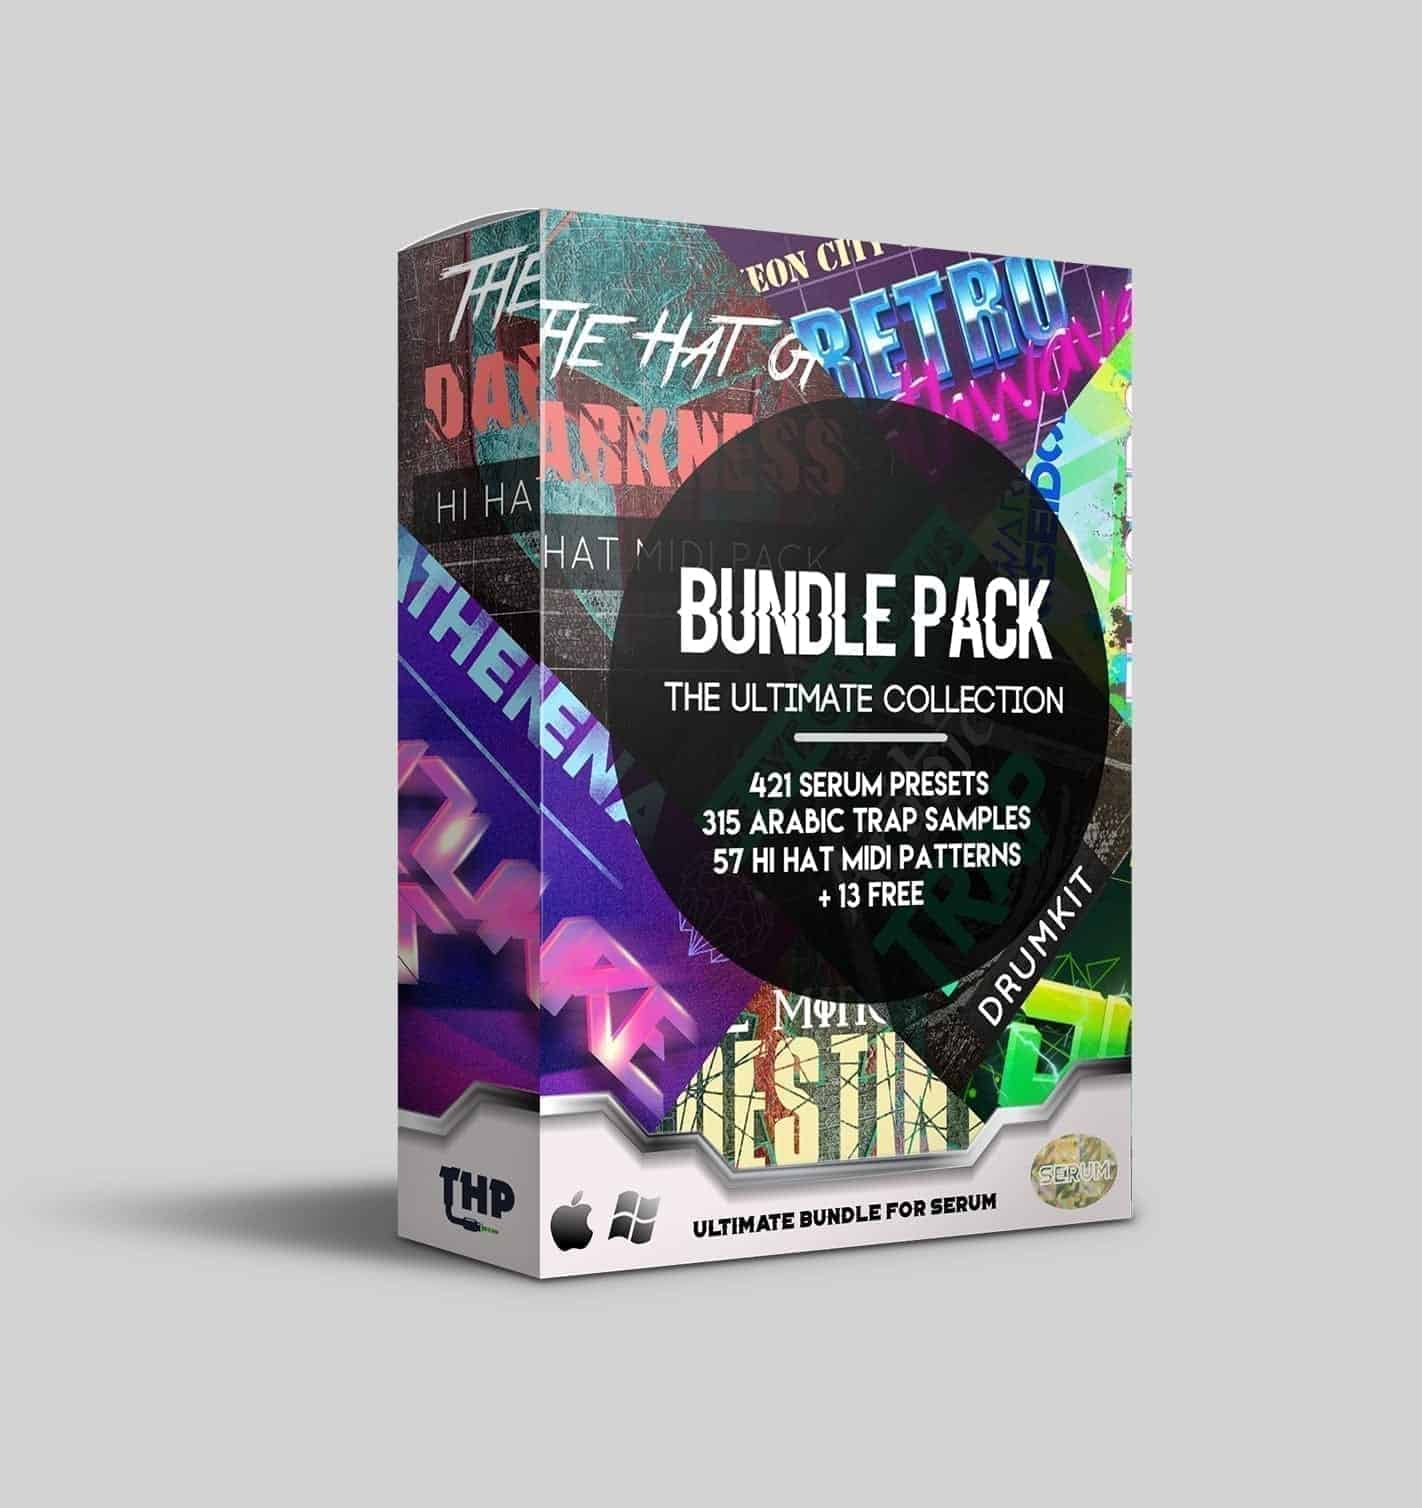 Ultimate Bundle for Serum